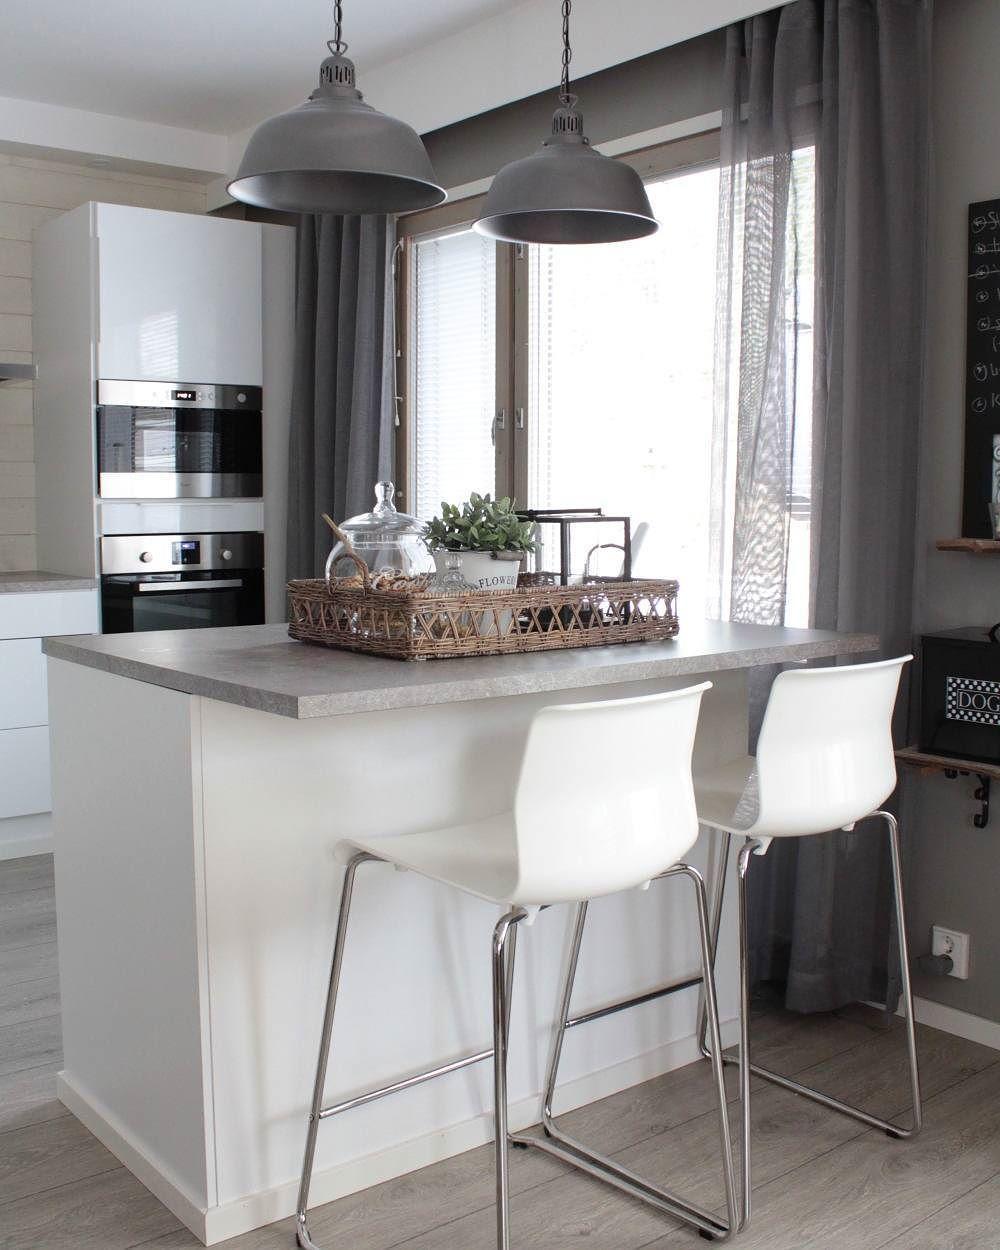 Riippuvalaisimet keittiösaarekkeen yläpuolella rytmittävät kivasti tilaa.